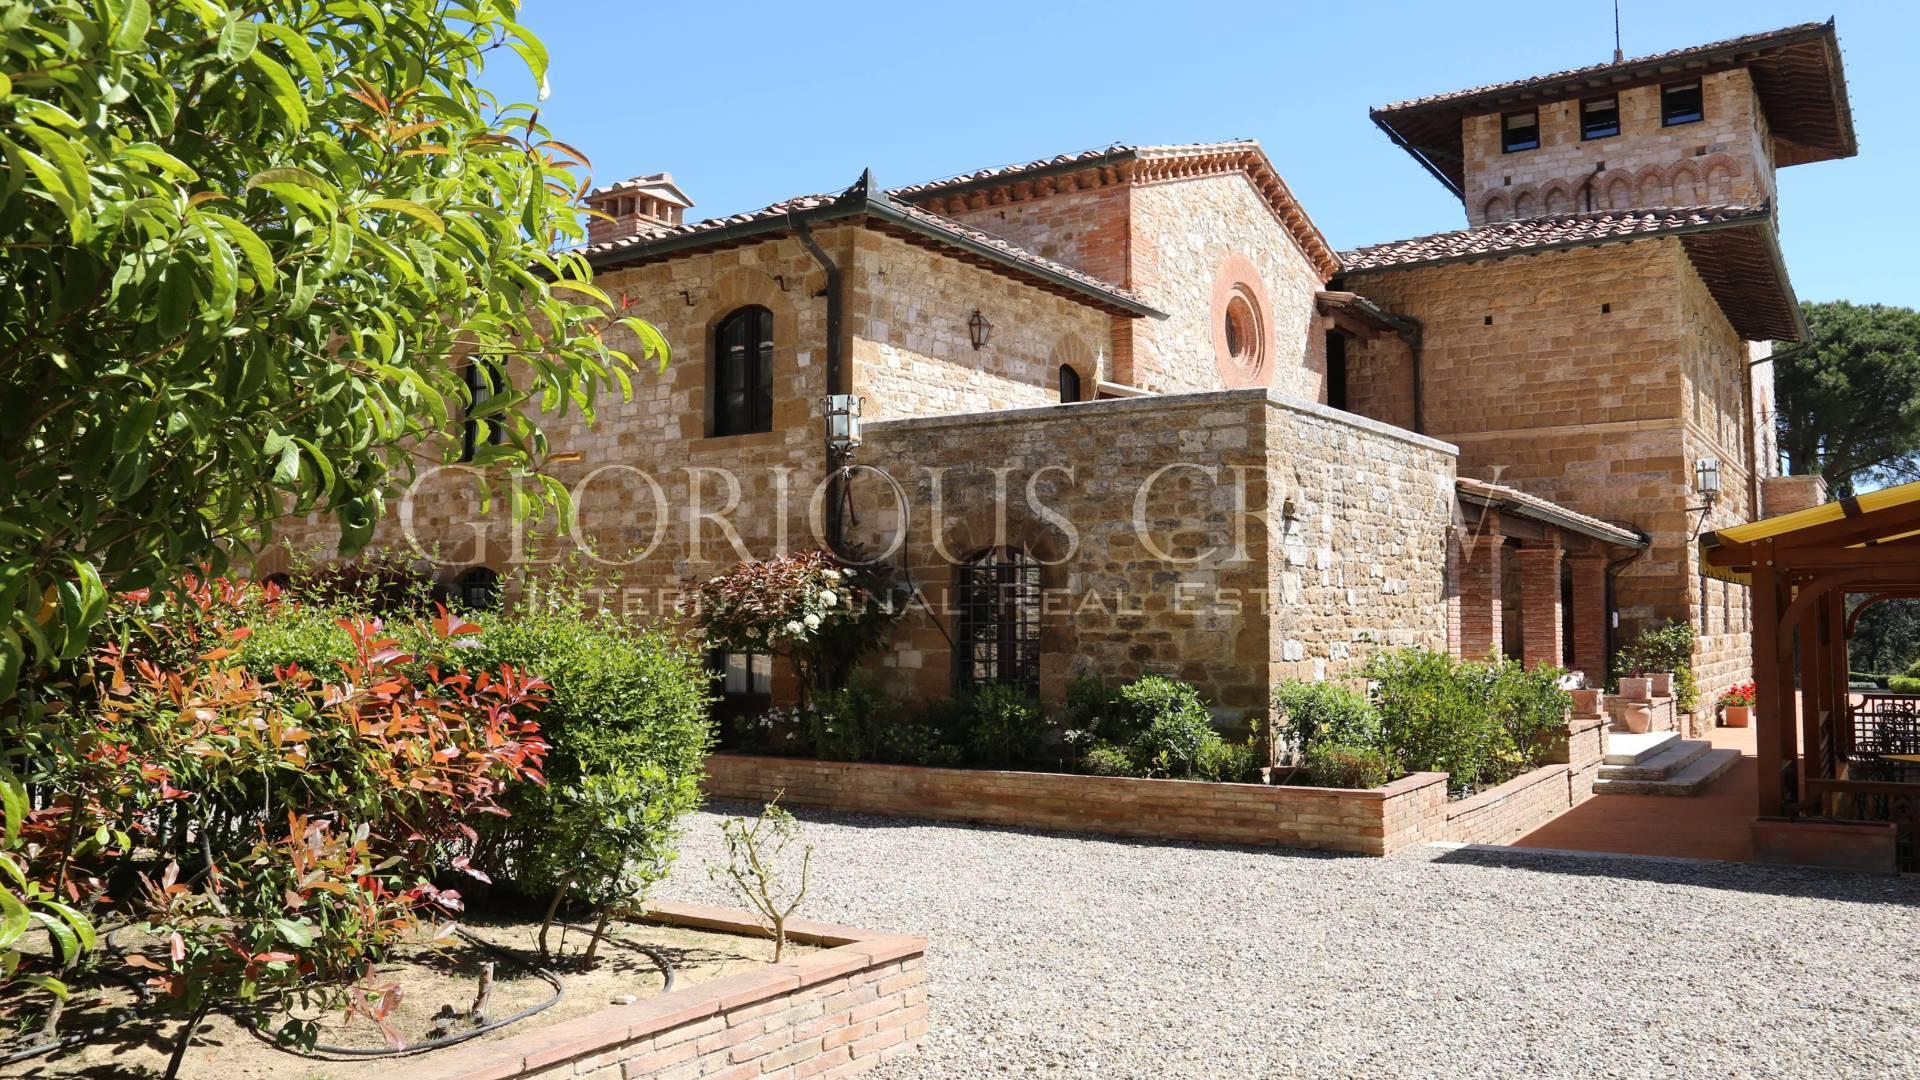 Rustico in Vendita a San Gimignano: 5 locali, 2500 mq - Foto 8